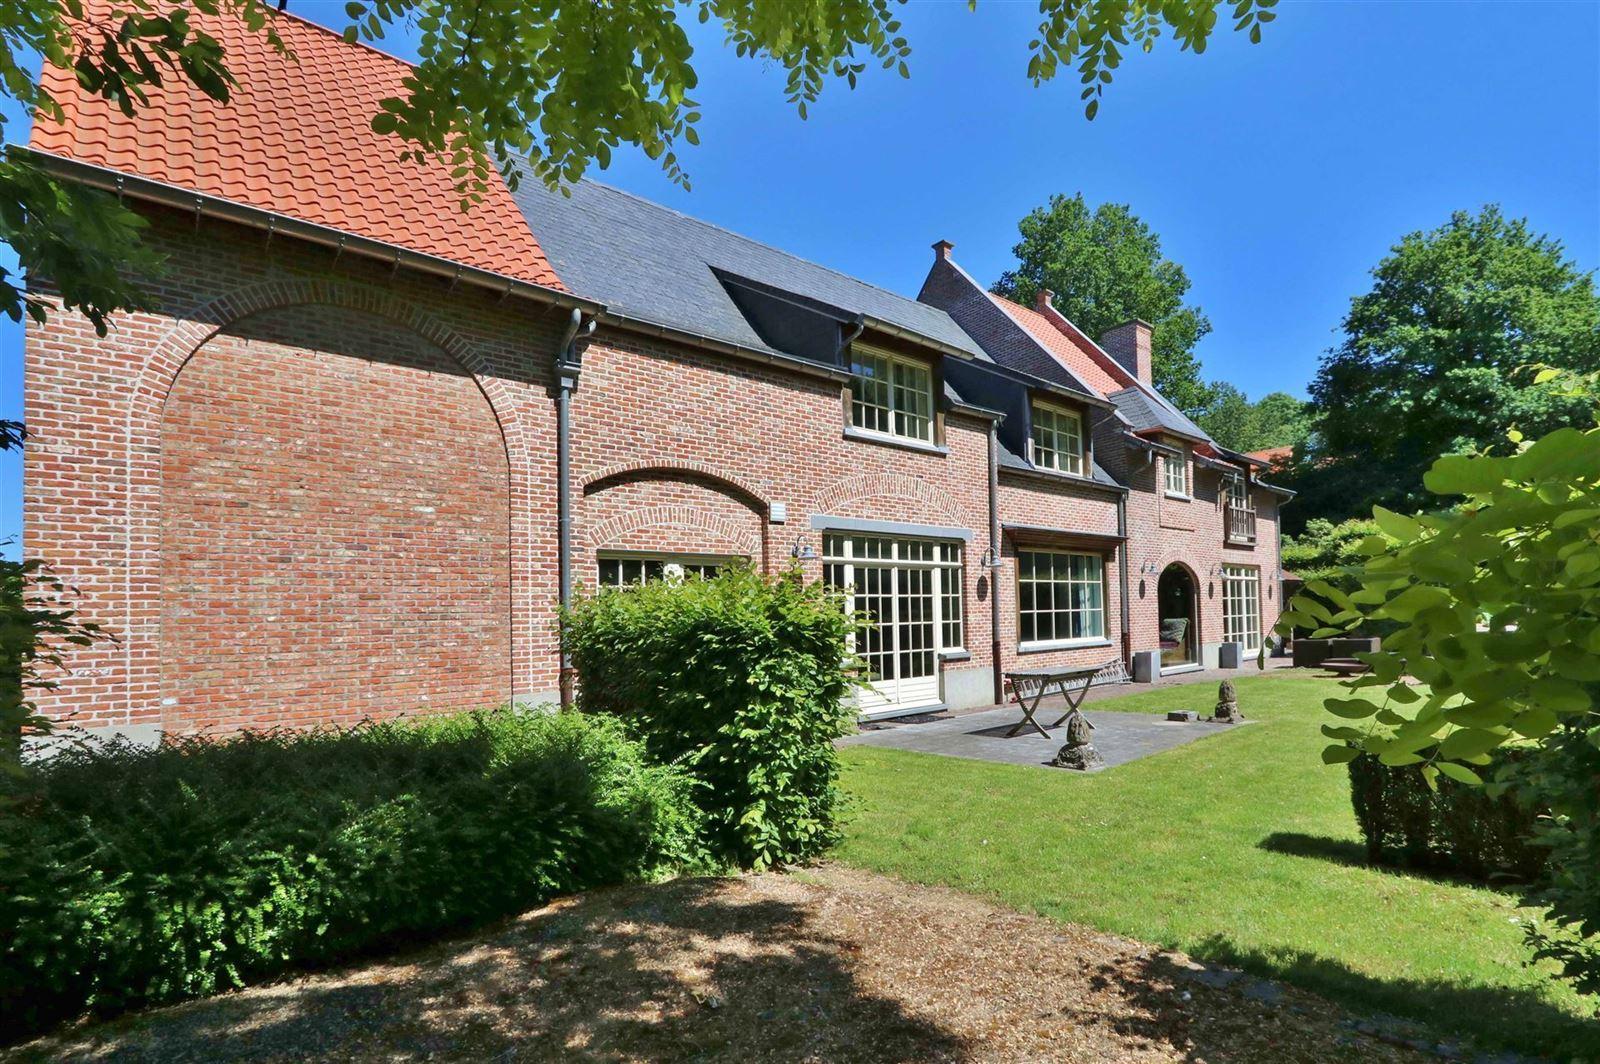 PHOTOS 4 : Maison à 1640 RHODE-SAINT-GENESE (Belgique) - Prix 1.500.000 €